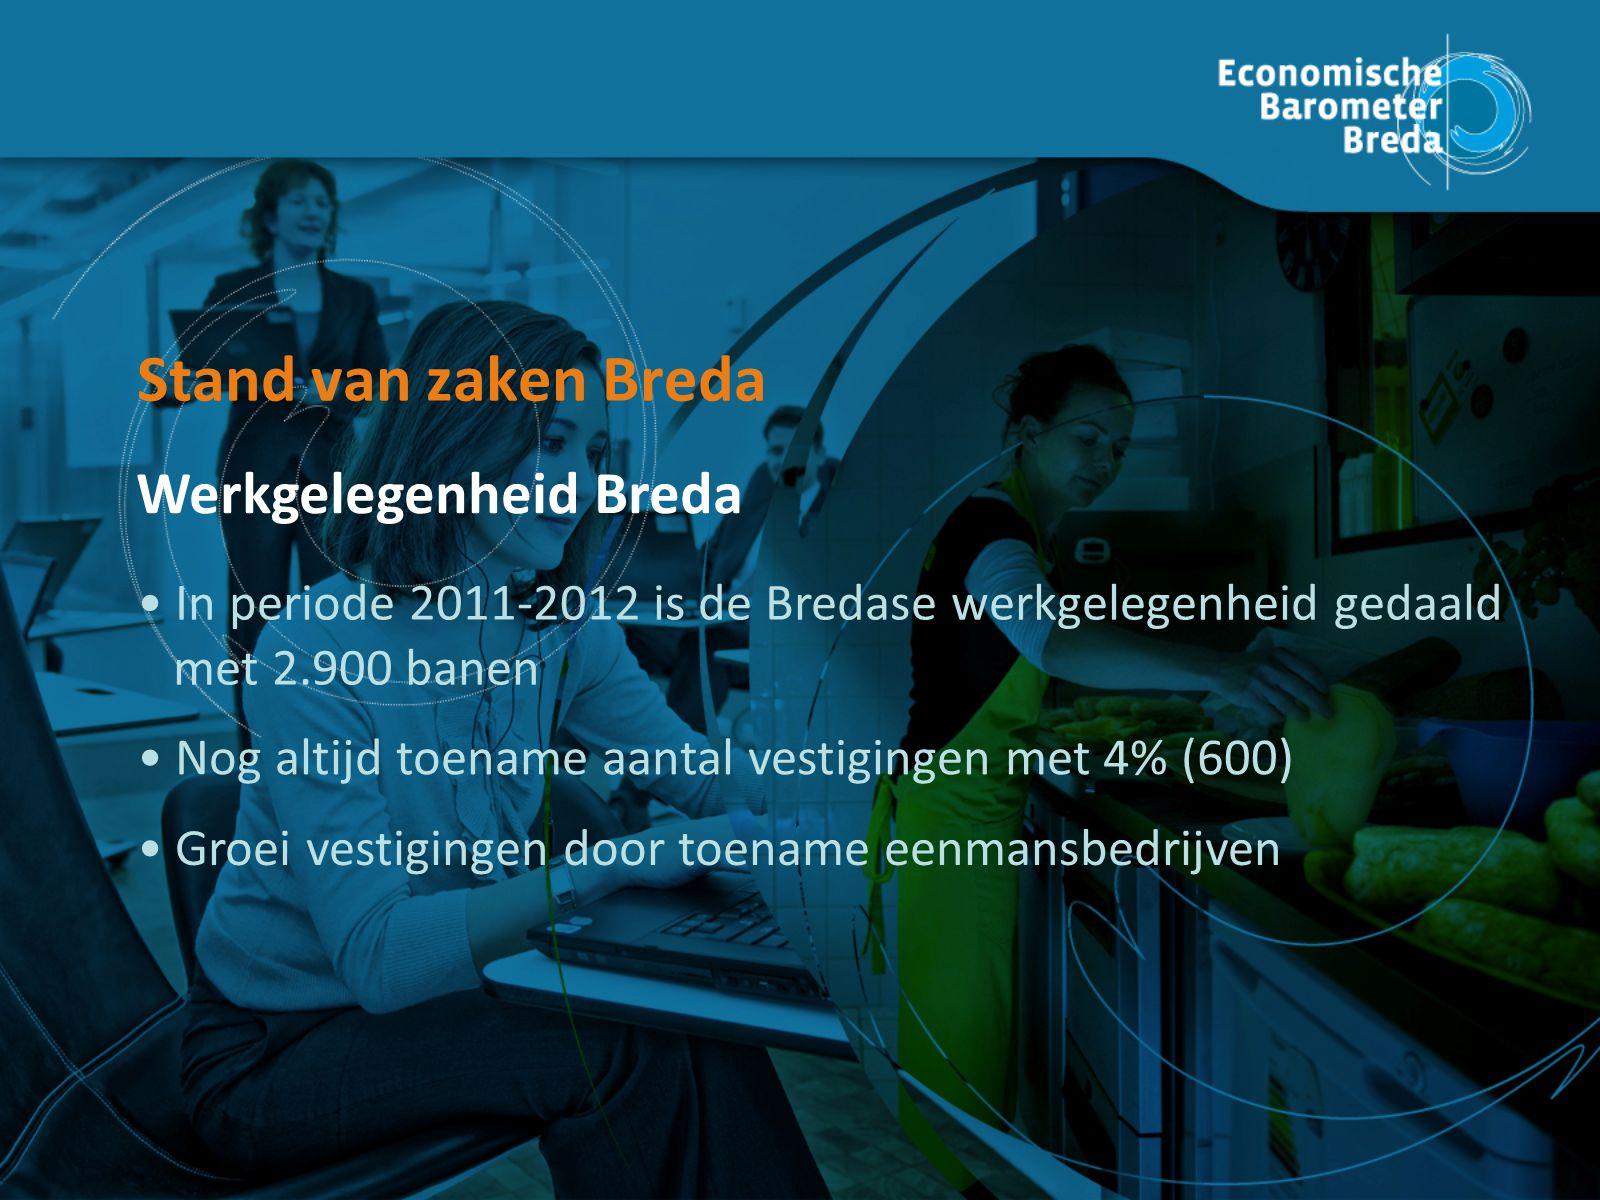 Groei vestigingen door toename eenmansbedrijven Nog altijd toename aantal vestigingen met 4% (600) In periode 2011-2012 is de Bredase werkgelegenheid gedaald met 2.900 banen Stand van zaken Breda Werkgelegenheid Breda